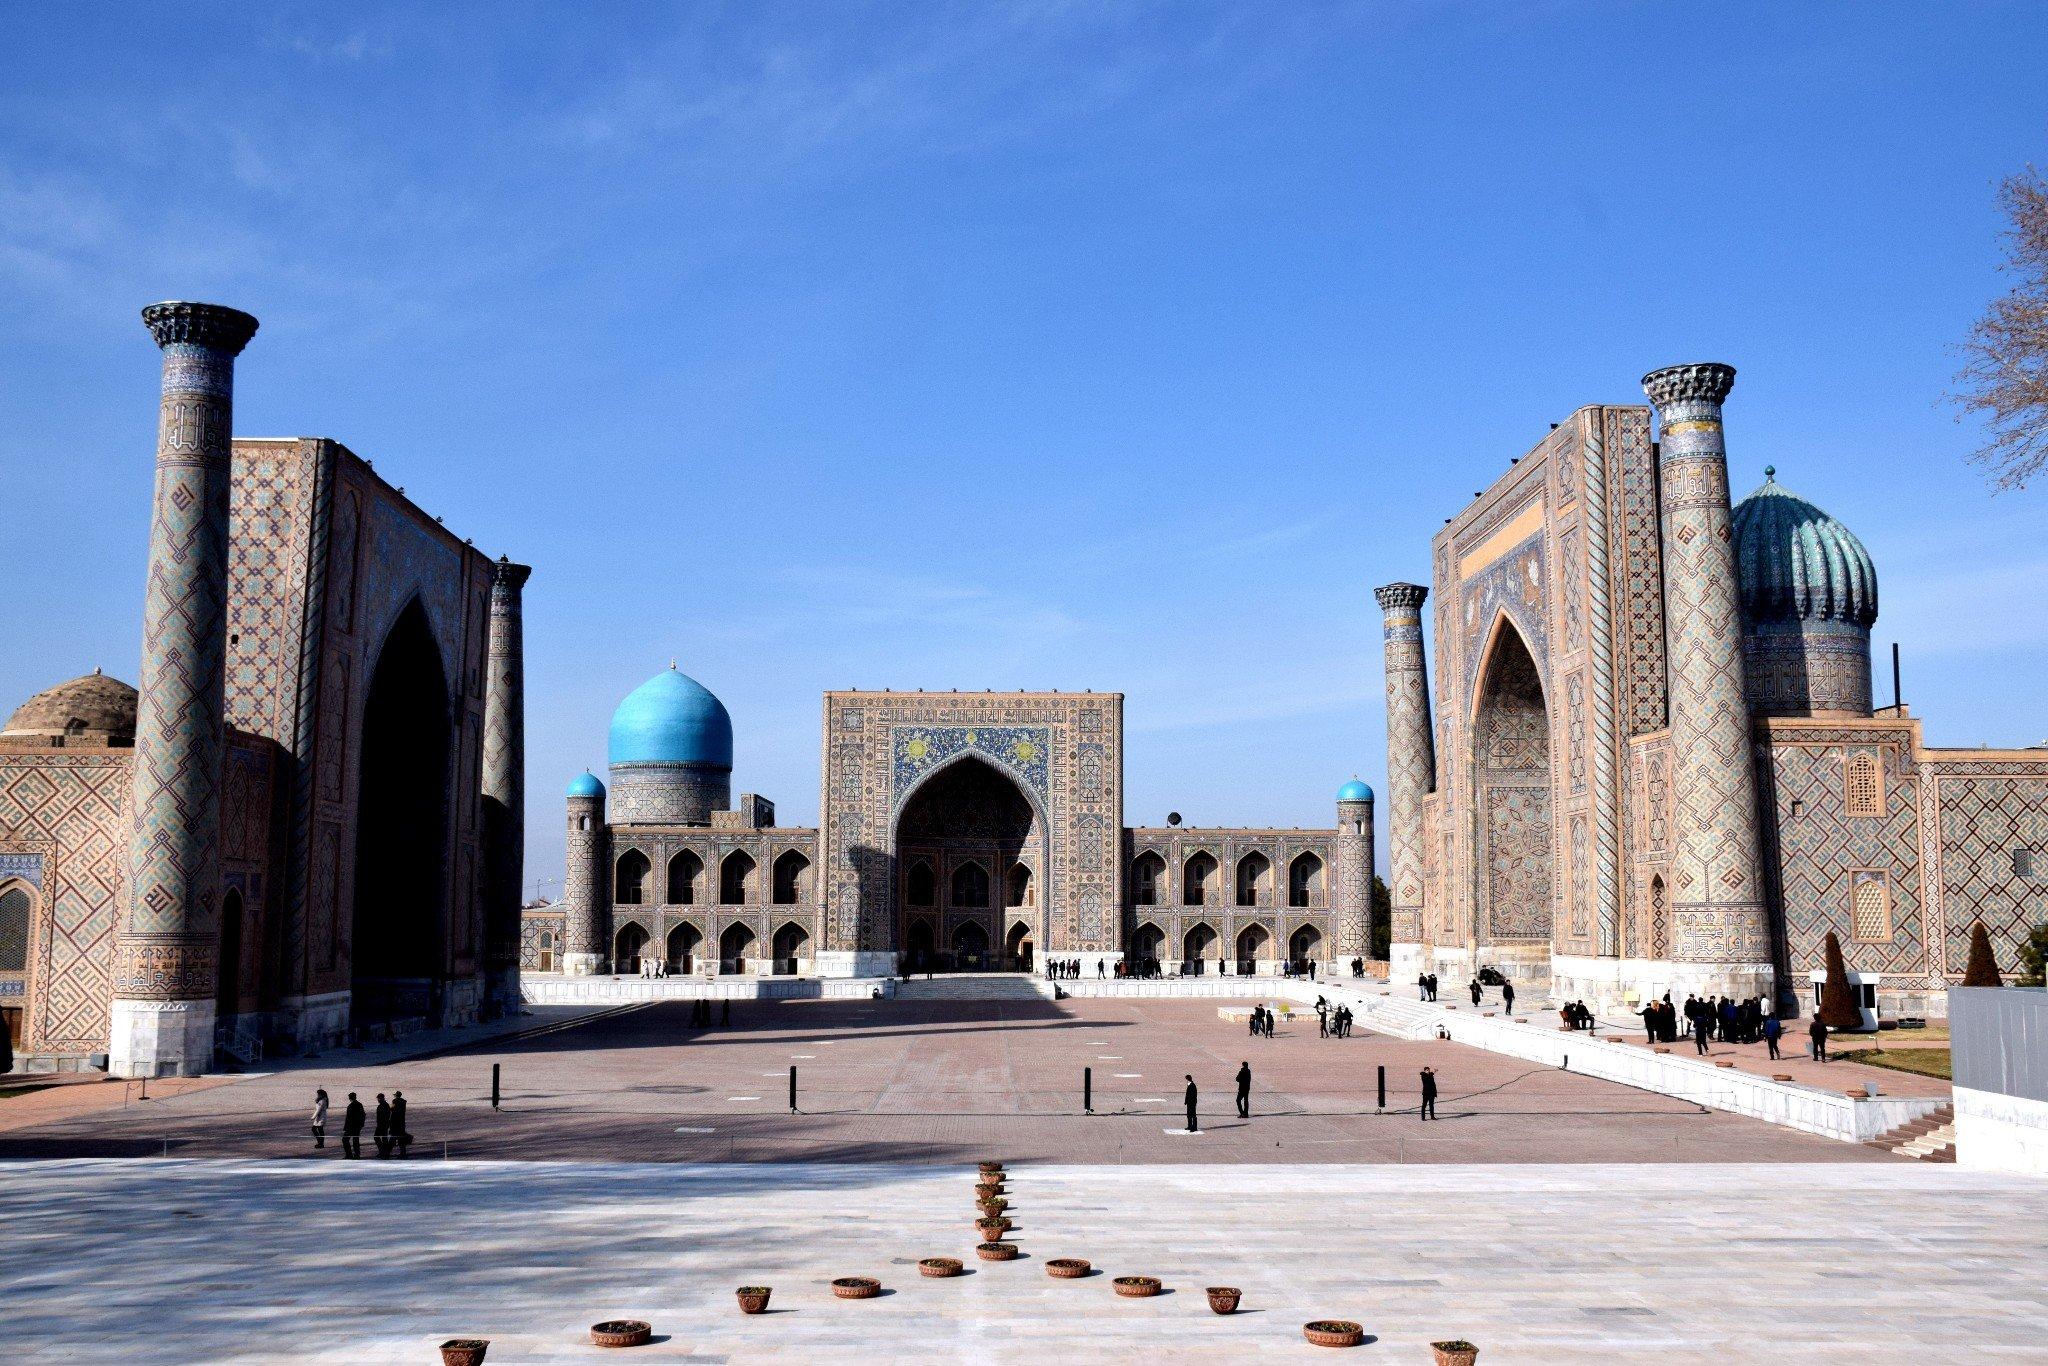 西行丝路,重拾中亚的王朝旧梦——记行乌兹别克斯坦